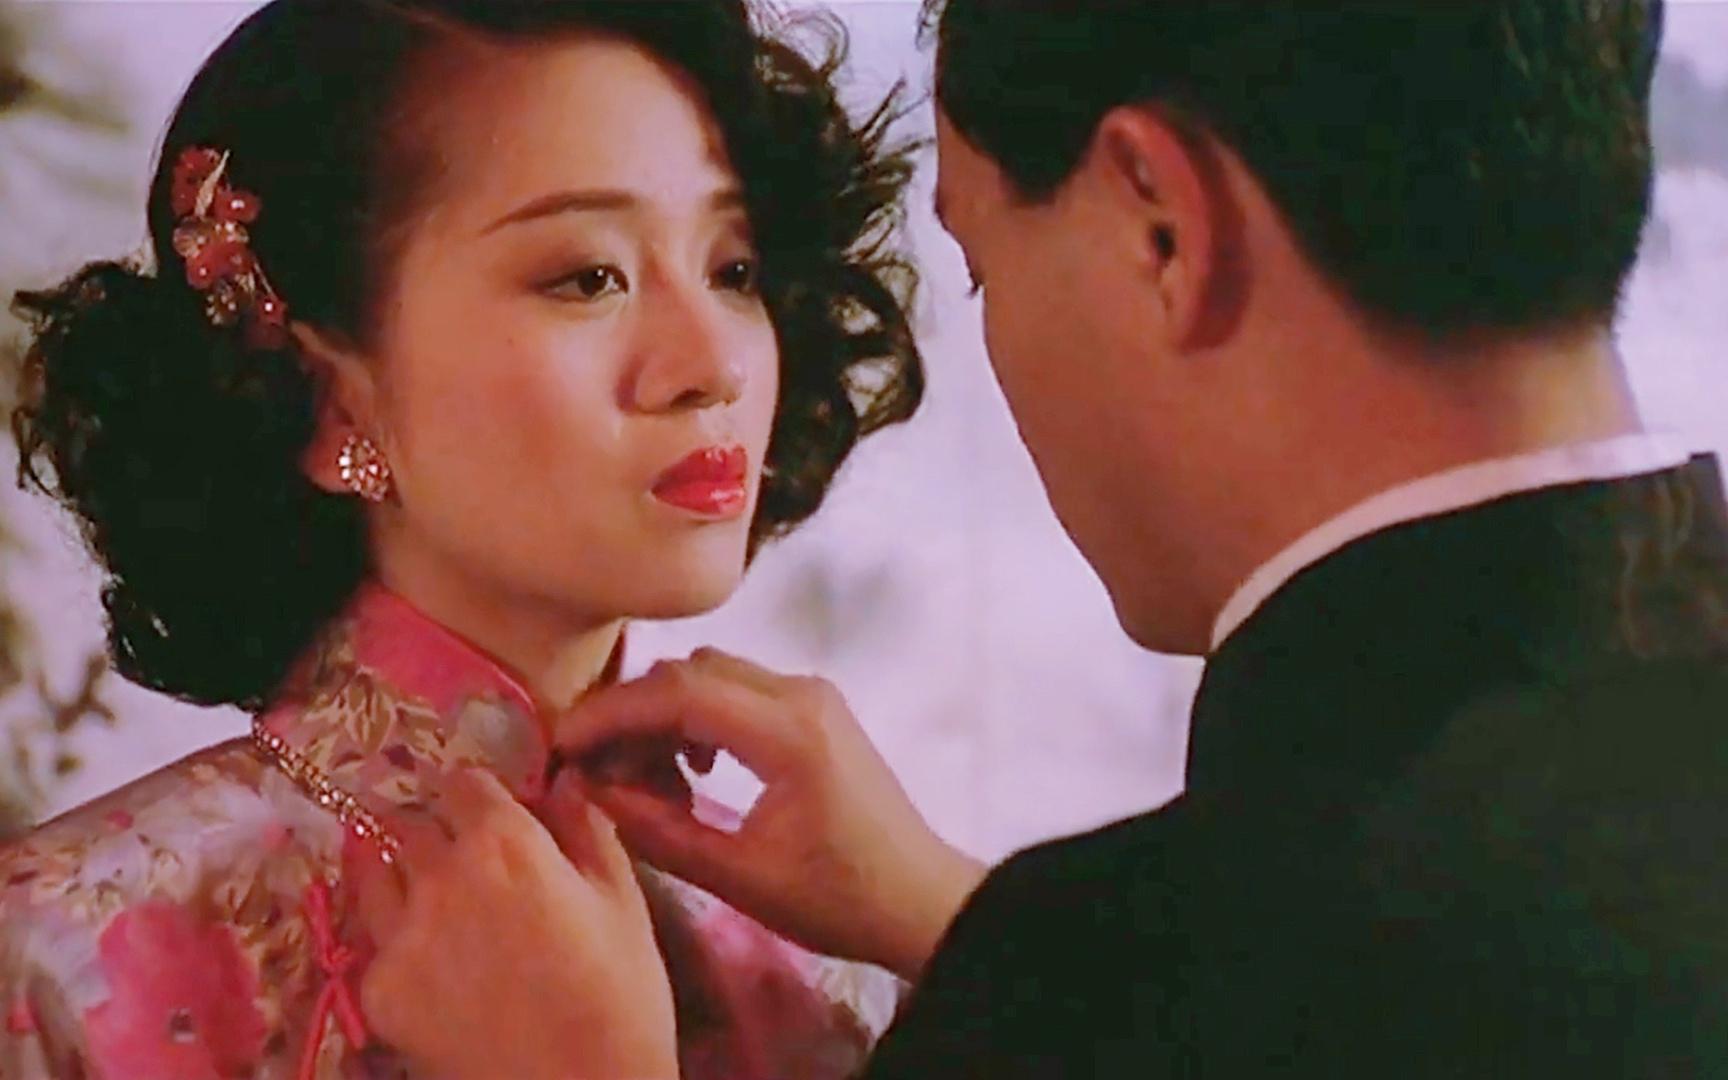 每年都要重温一遍的爱情电影,张国荣搭档梅艳芳,这味道再难复制!